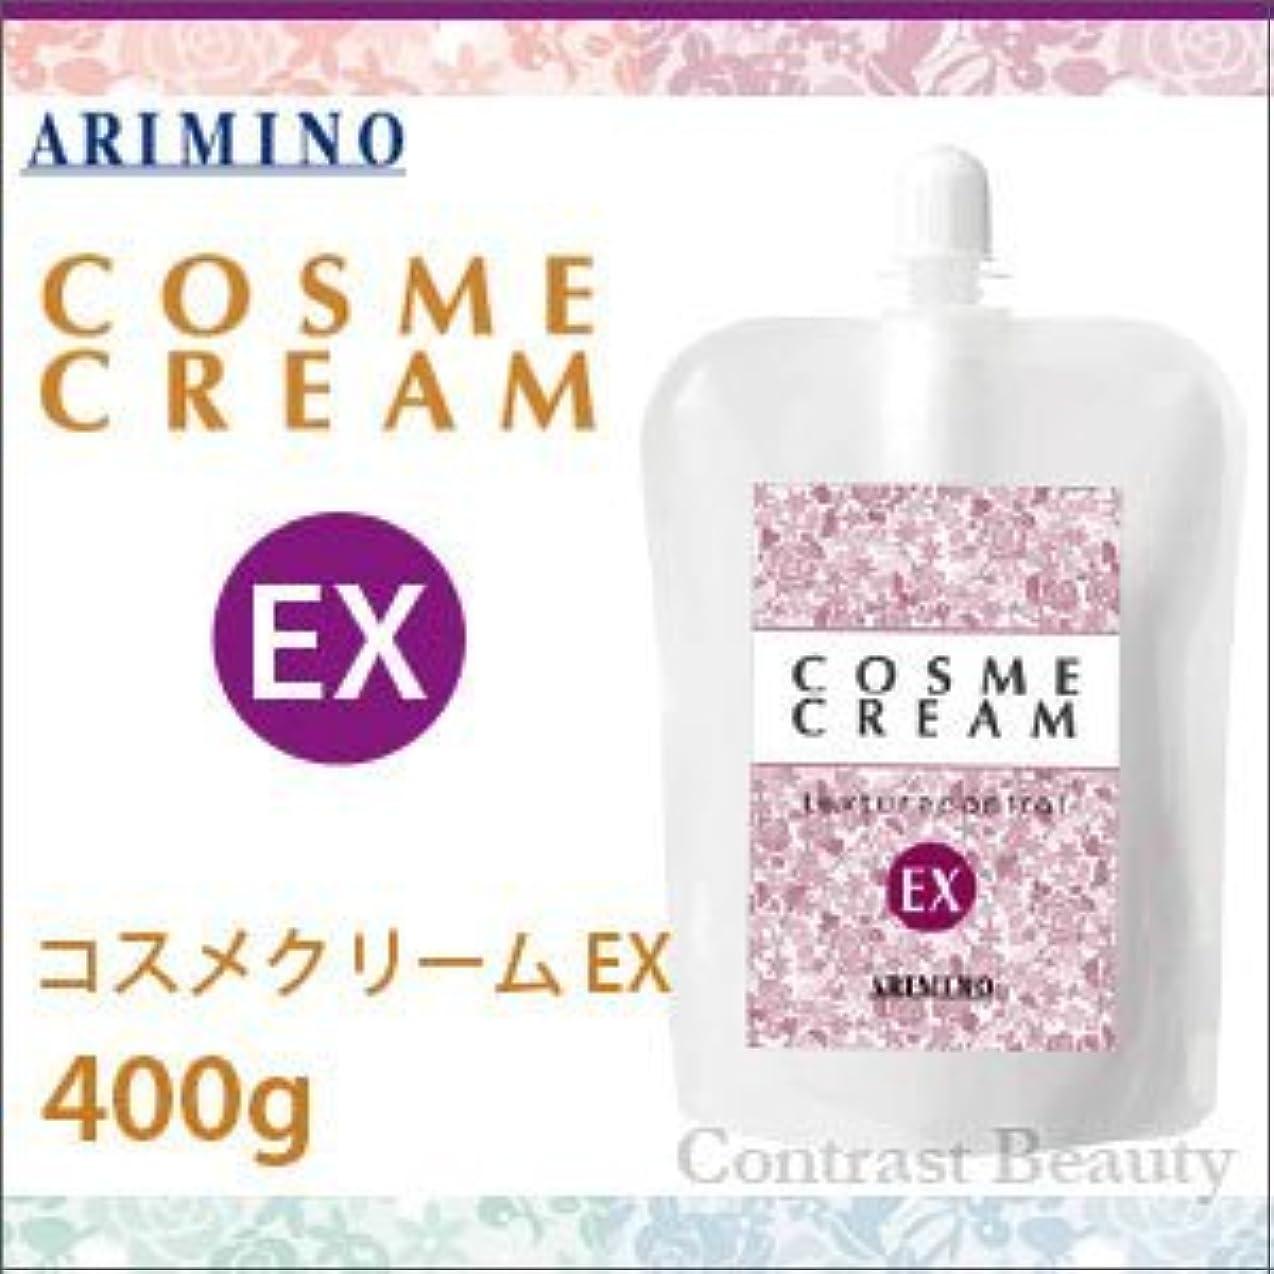 無効にするライトニング離婚アリミノ コスメクリーム EX 400g